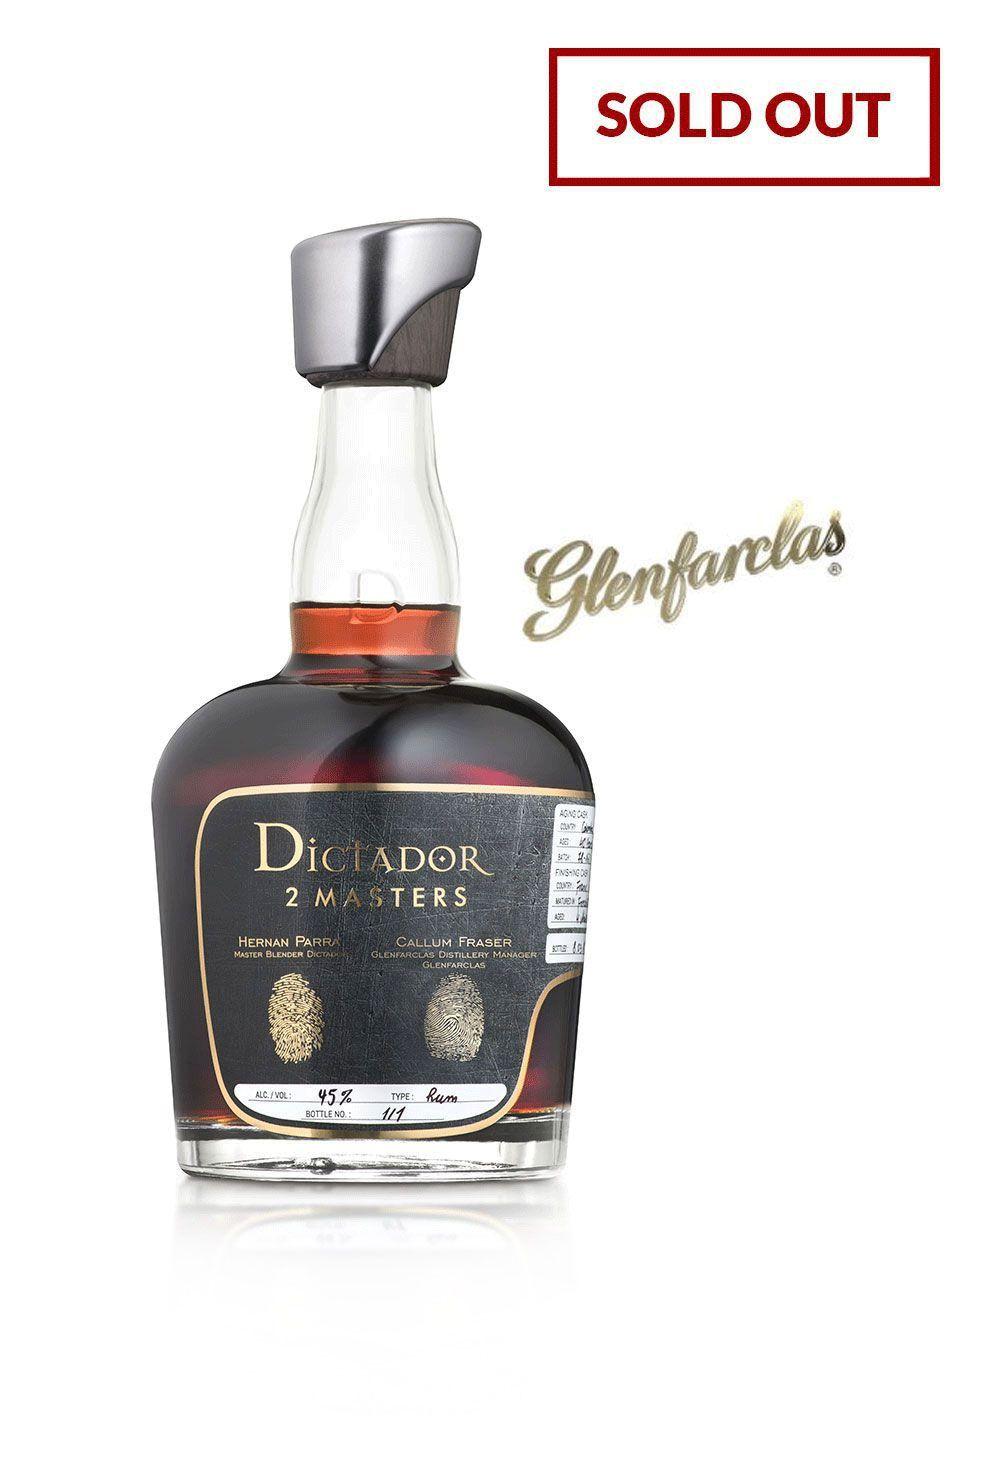 Rum Dictador 2 Masters Glenfarclas 1974